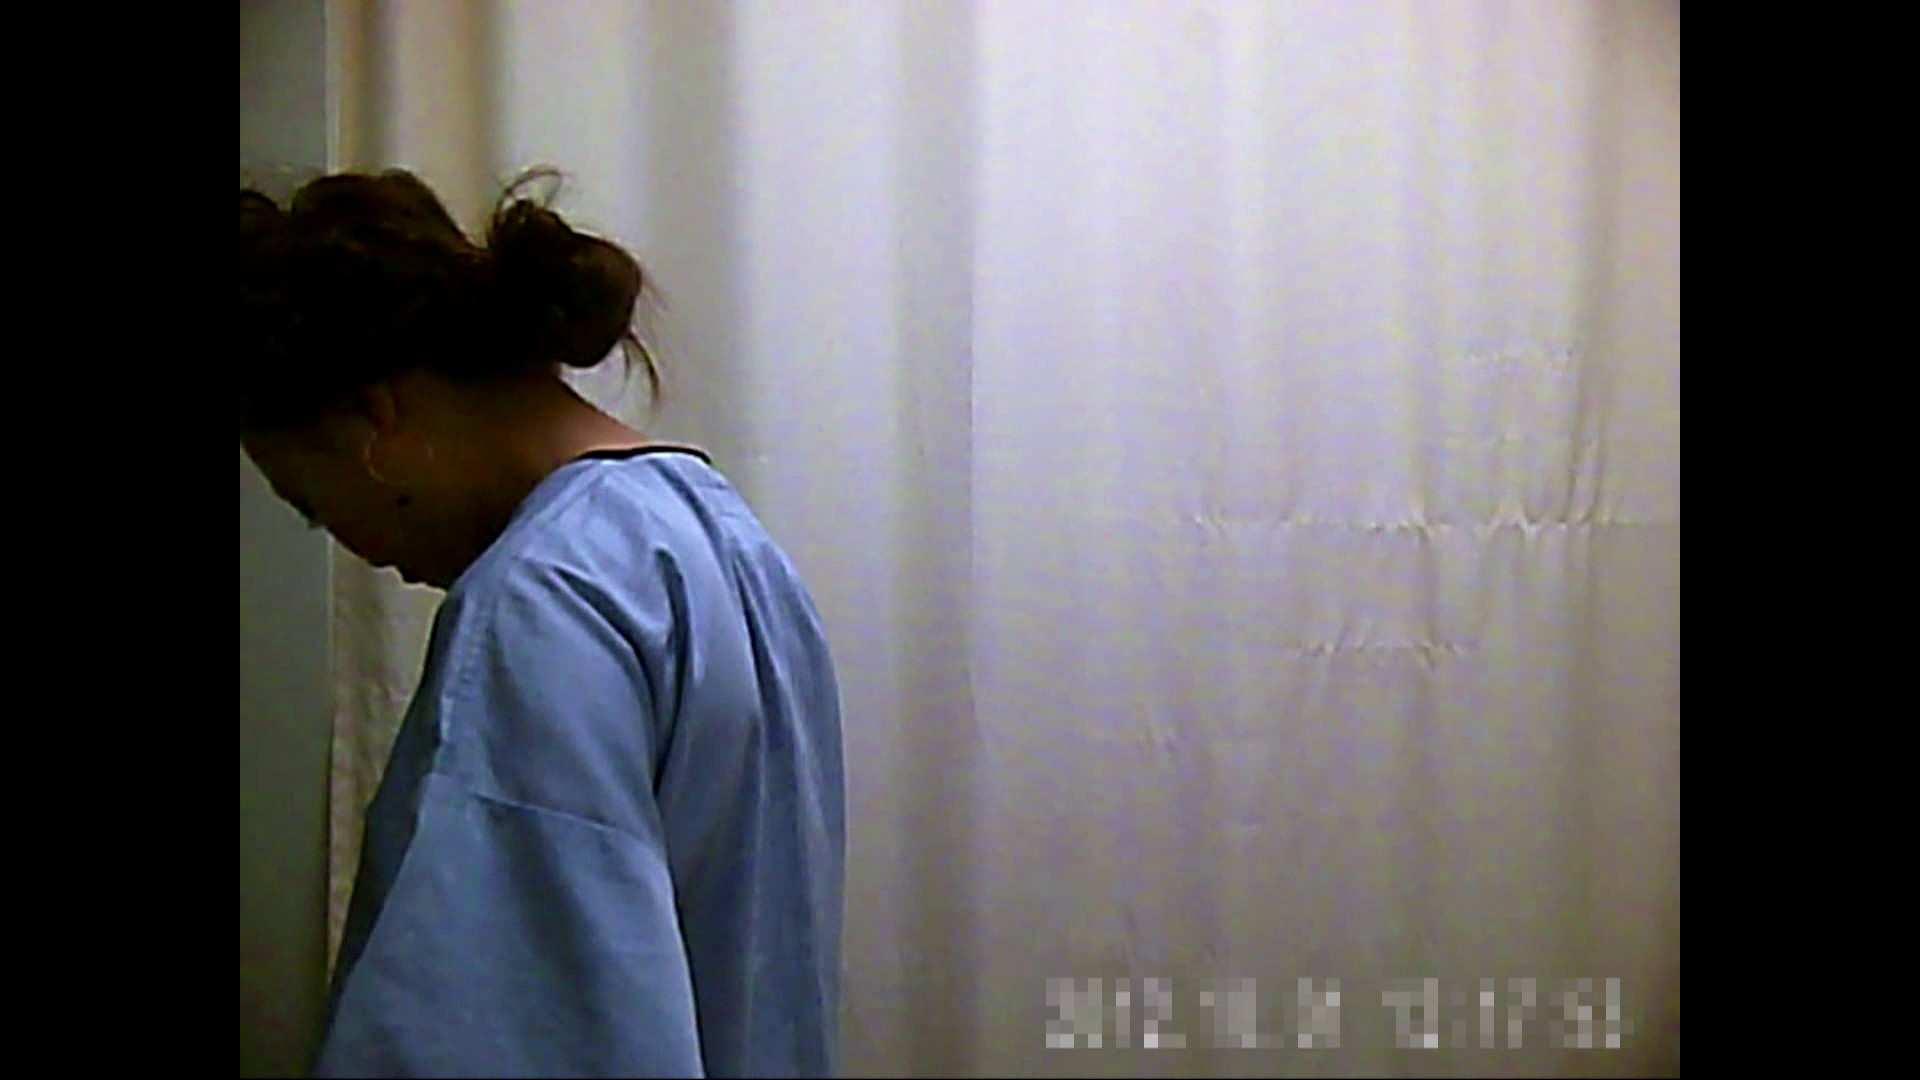 病院おもいっきり着替え! vol.220 貧乳編 盗撮画像 57画像 7